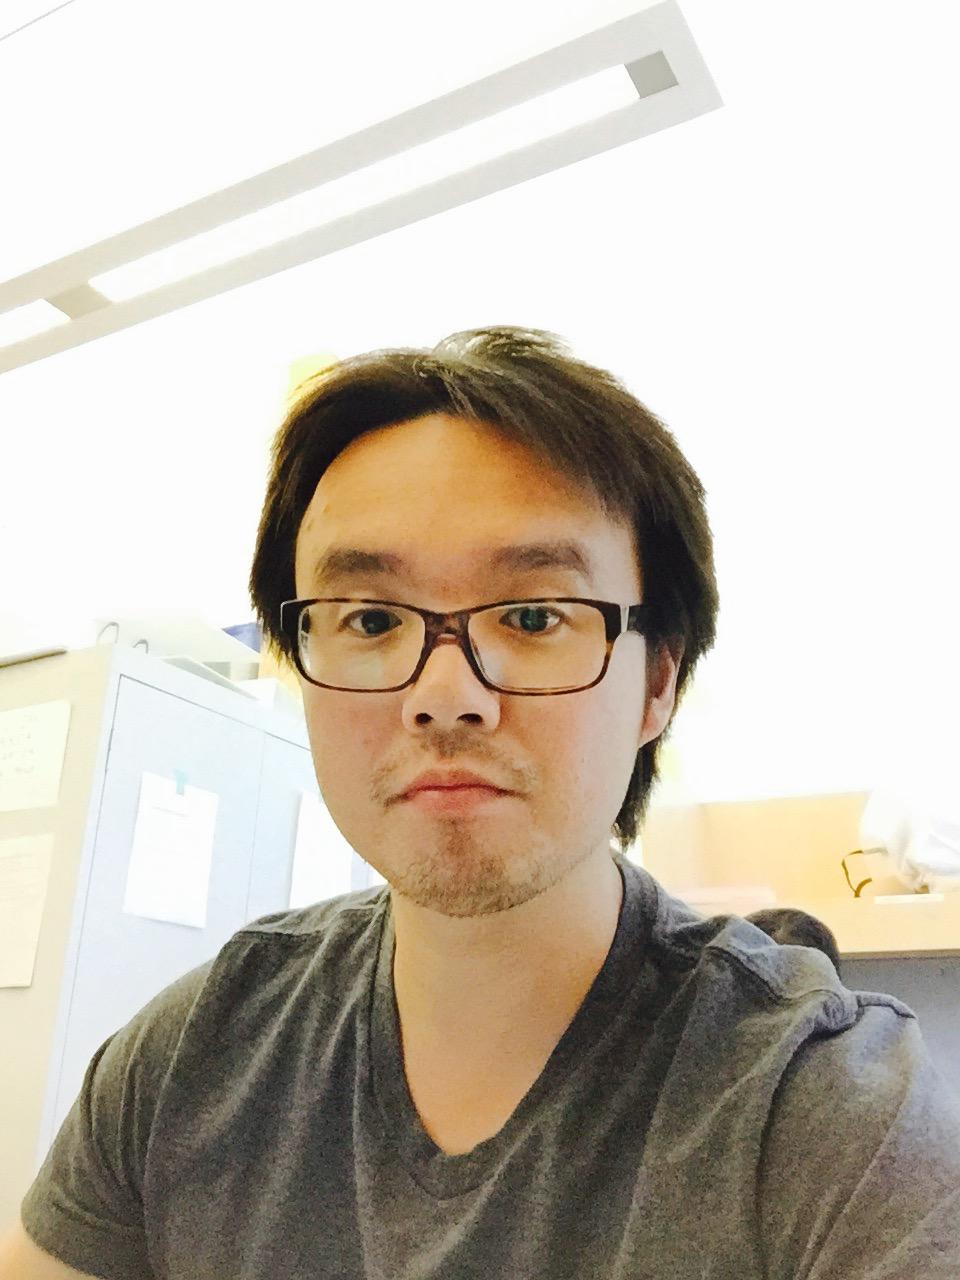 Xiao Cai